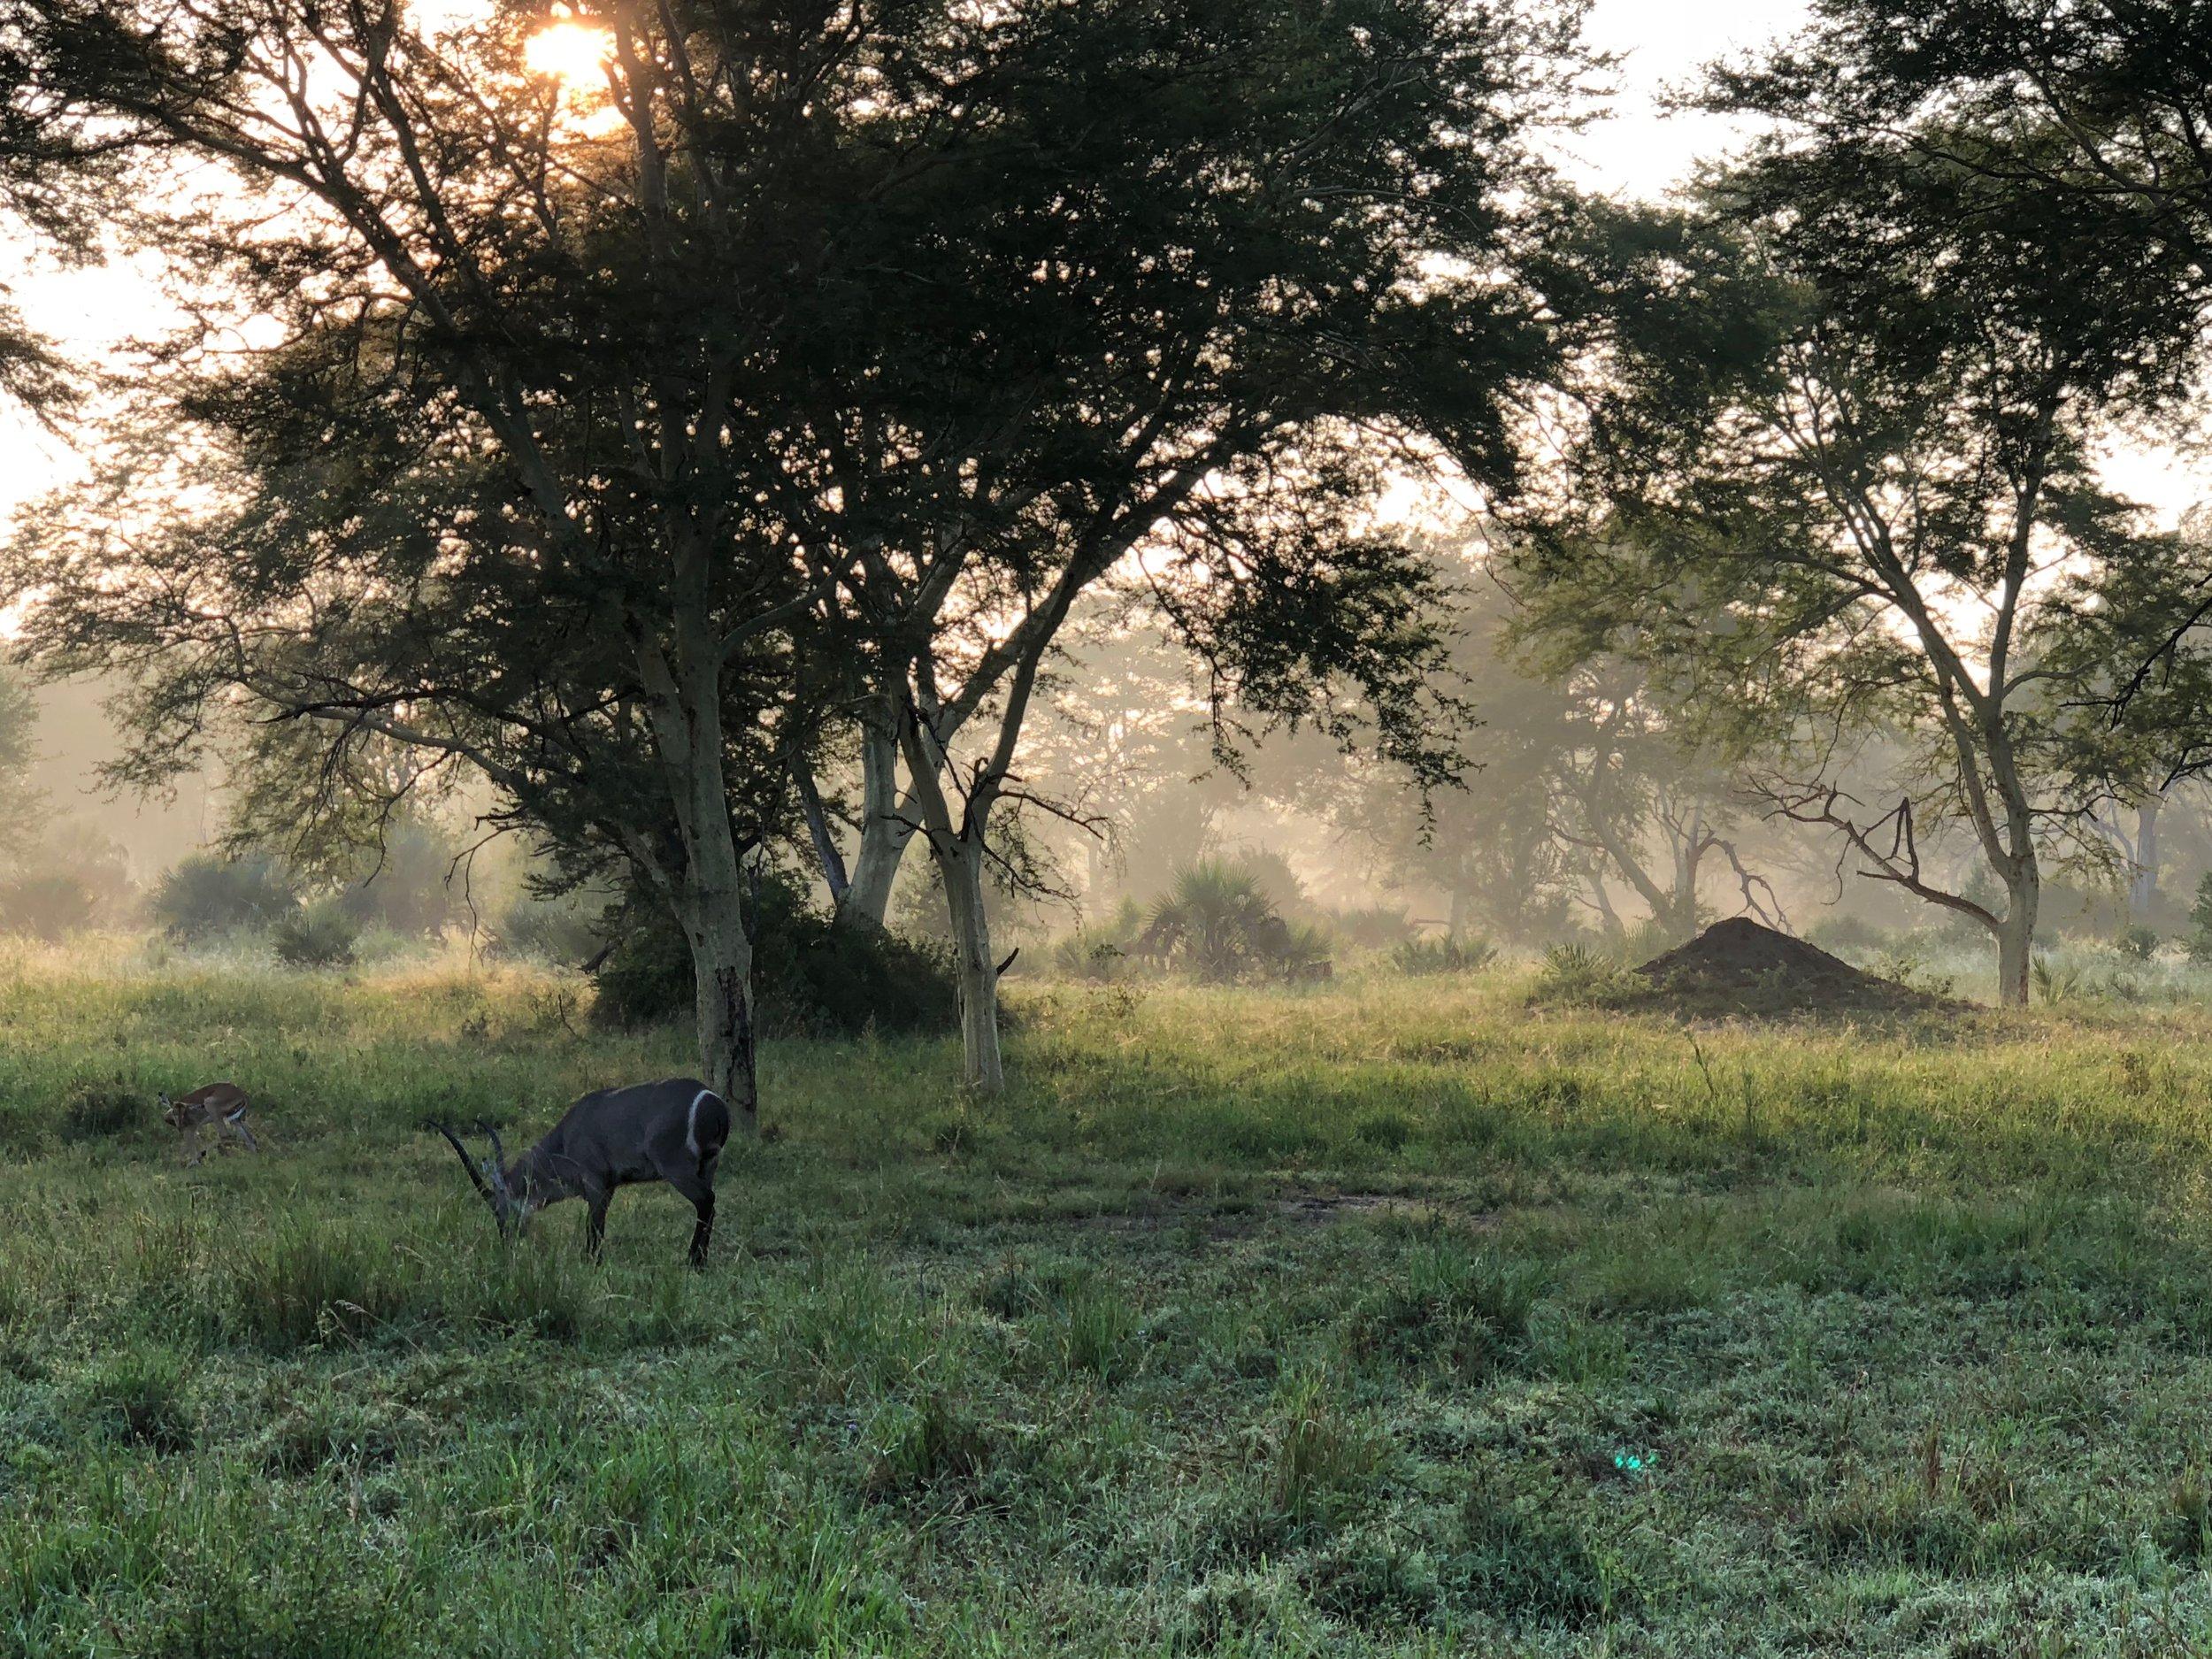 """photo credit: """"Hunger Games"""" by Rev. Alex da Silva Souto,  Parque Nacional da Gorongosa , Moçambique."""